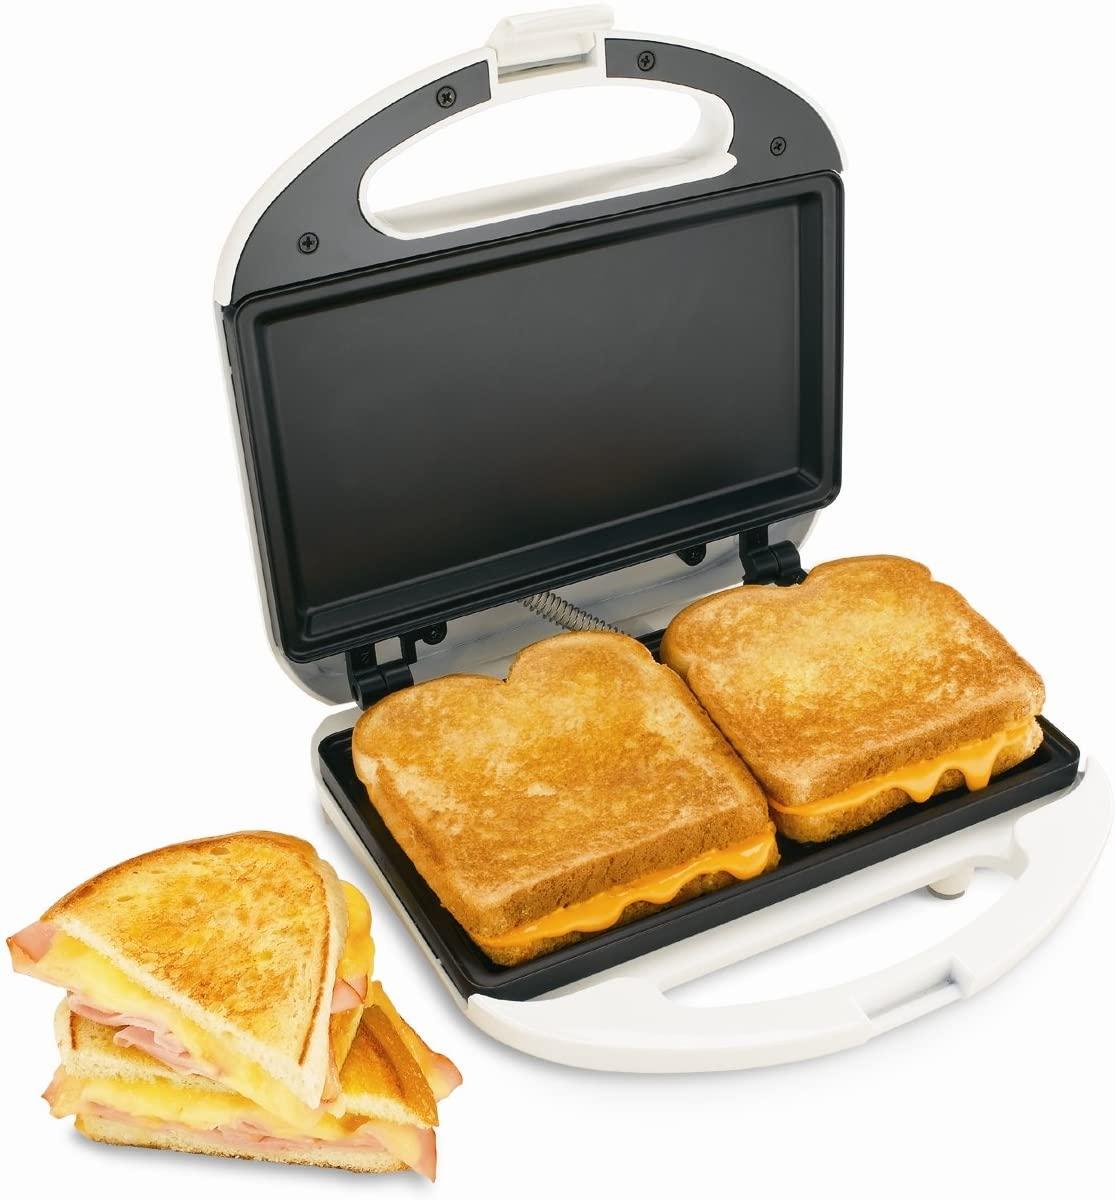 Sandwich Maker Black Friday Deals